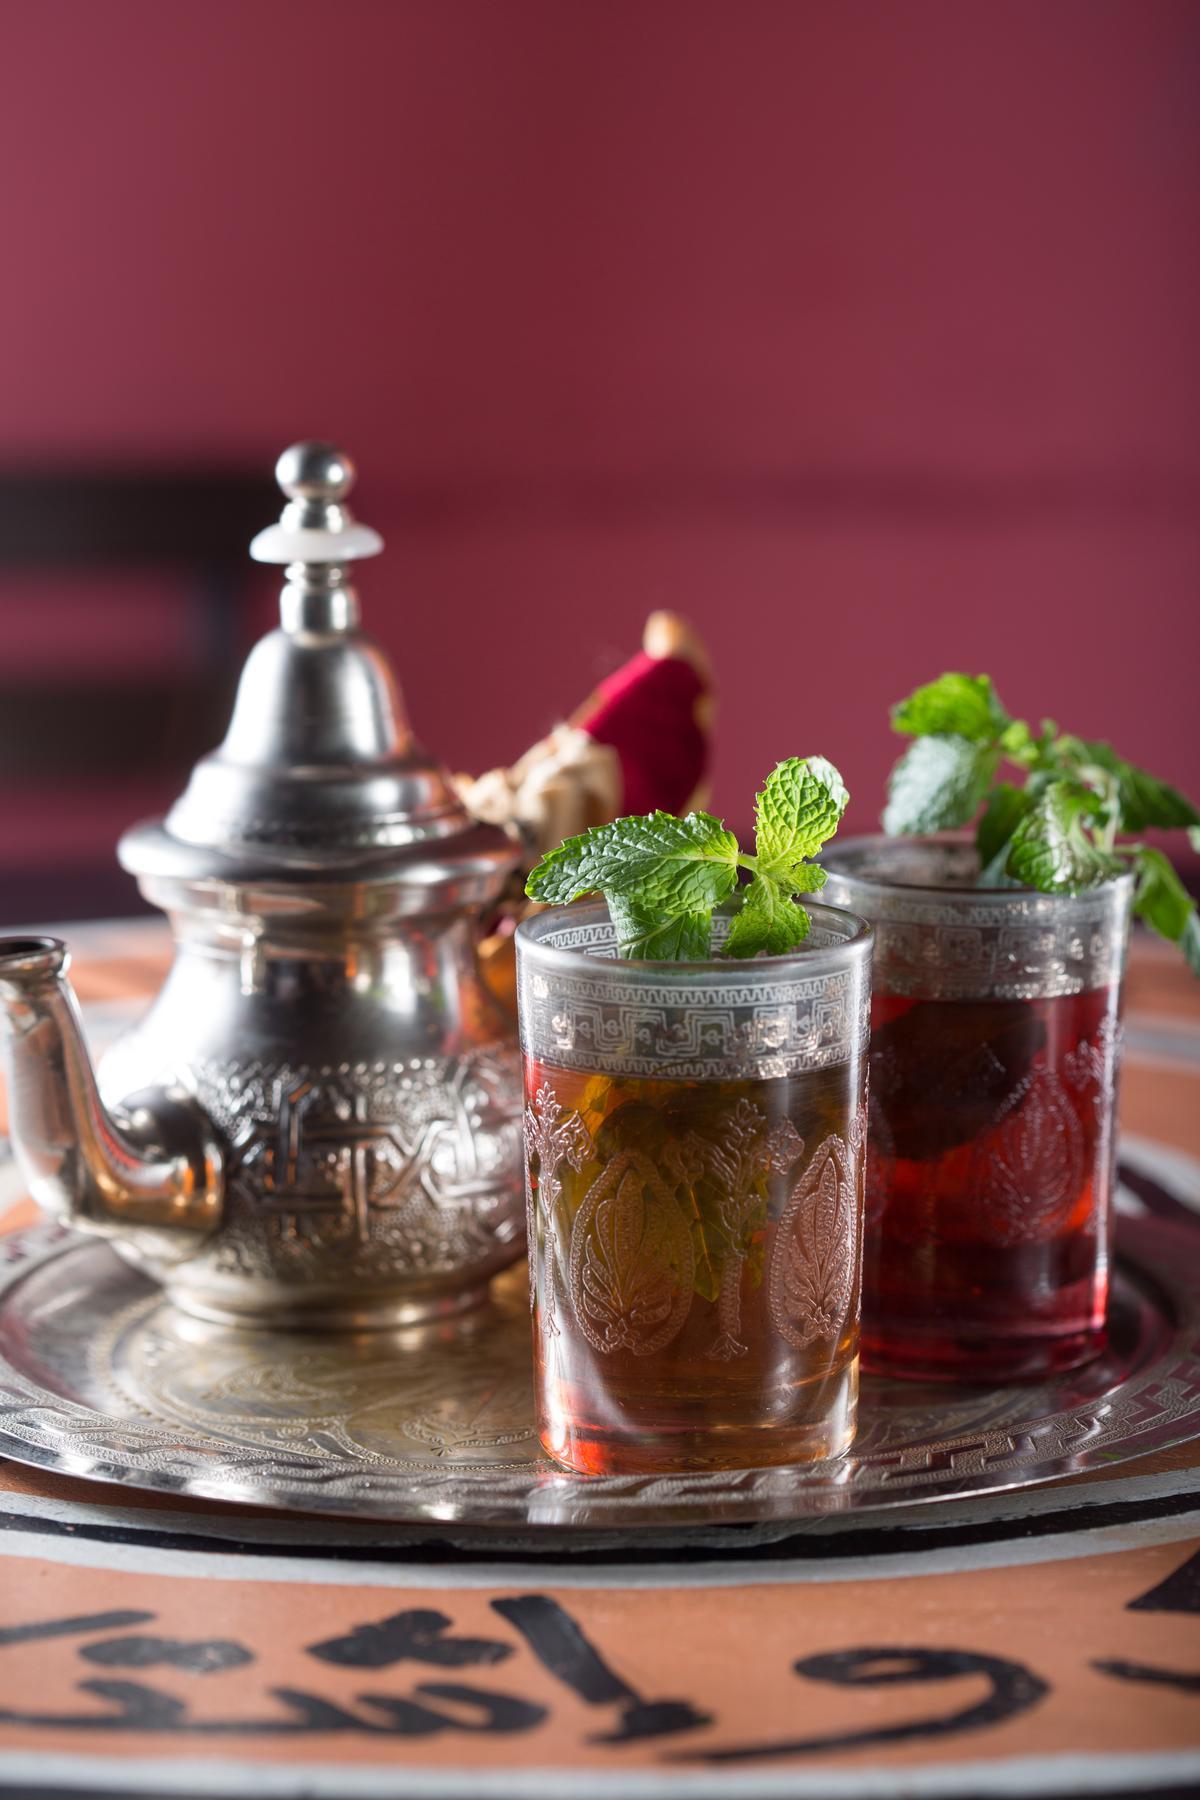 附餐飲料「摩洛哥薄荷茶」能讓餐後口氣一新。(主餐加60元)